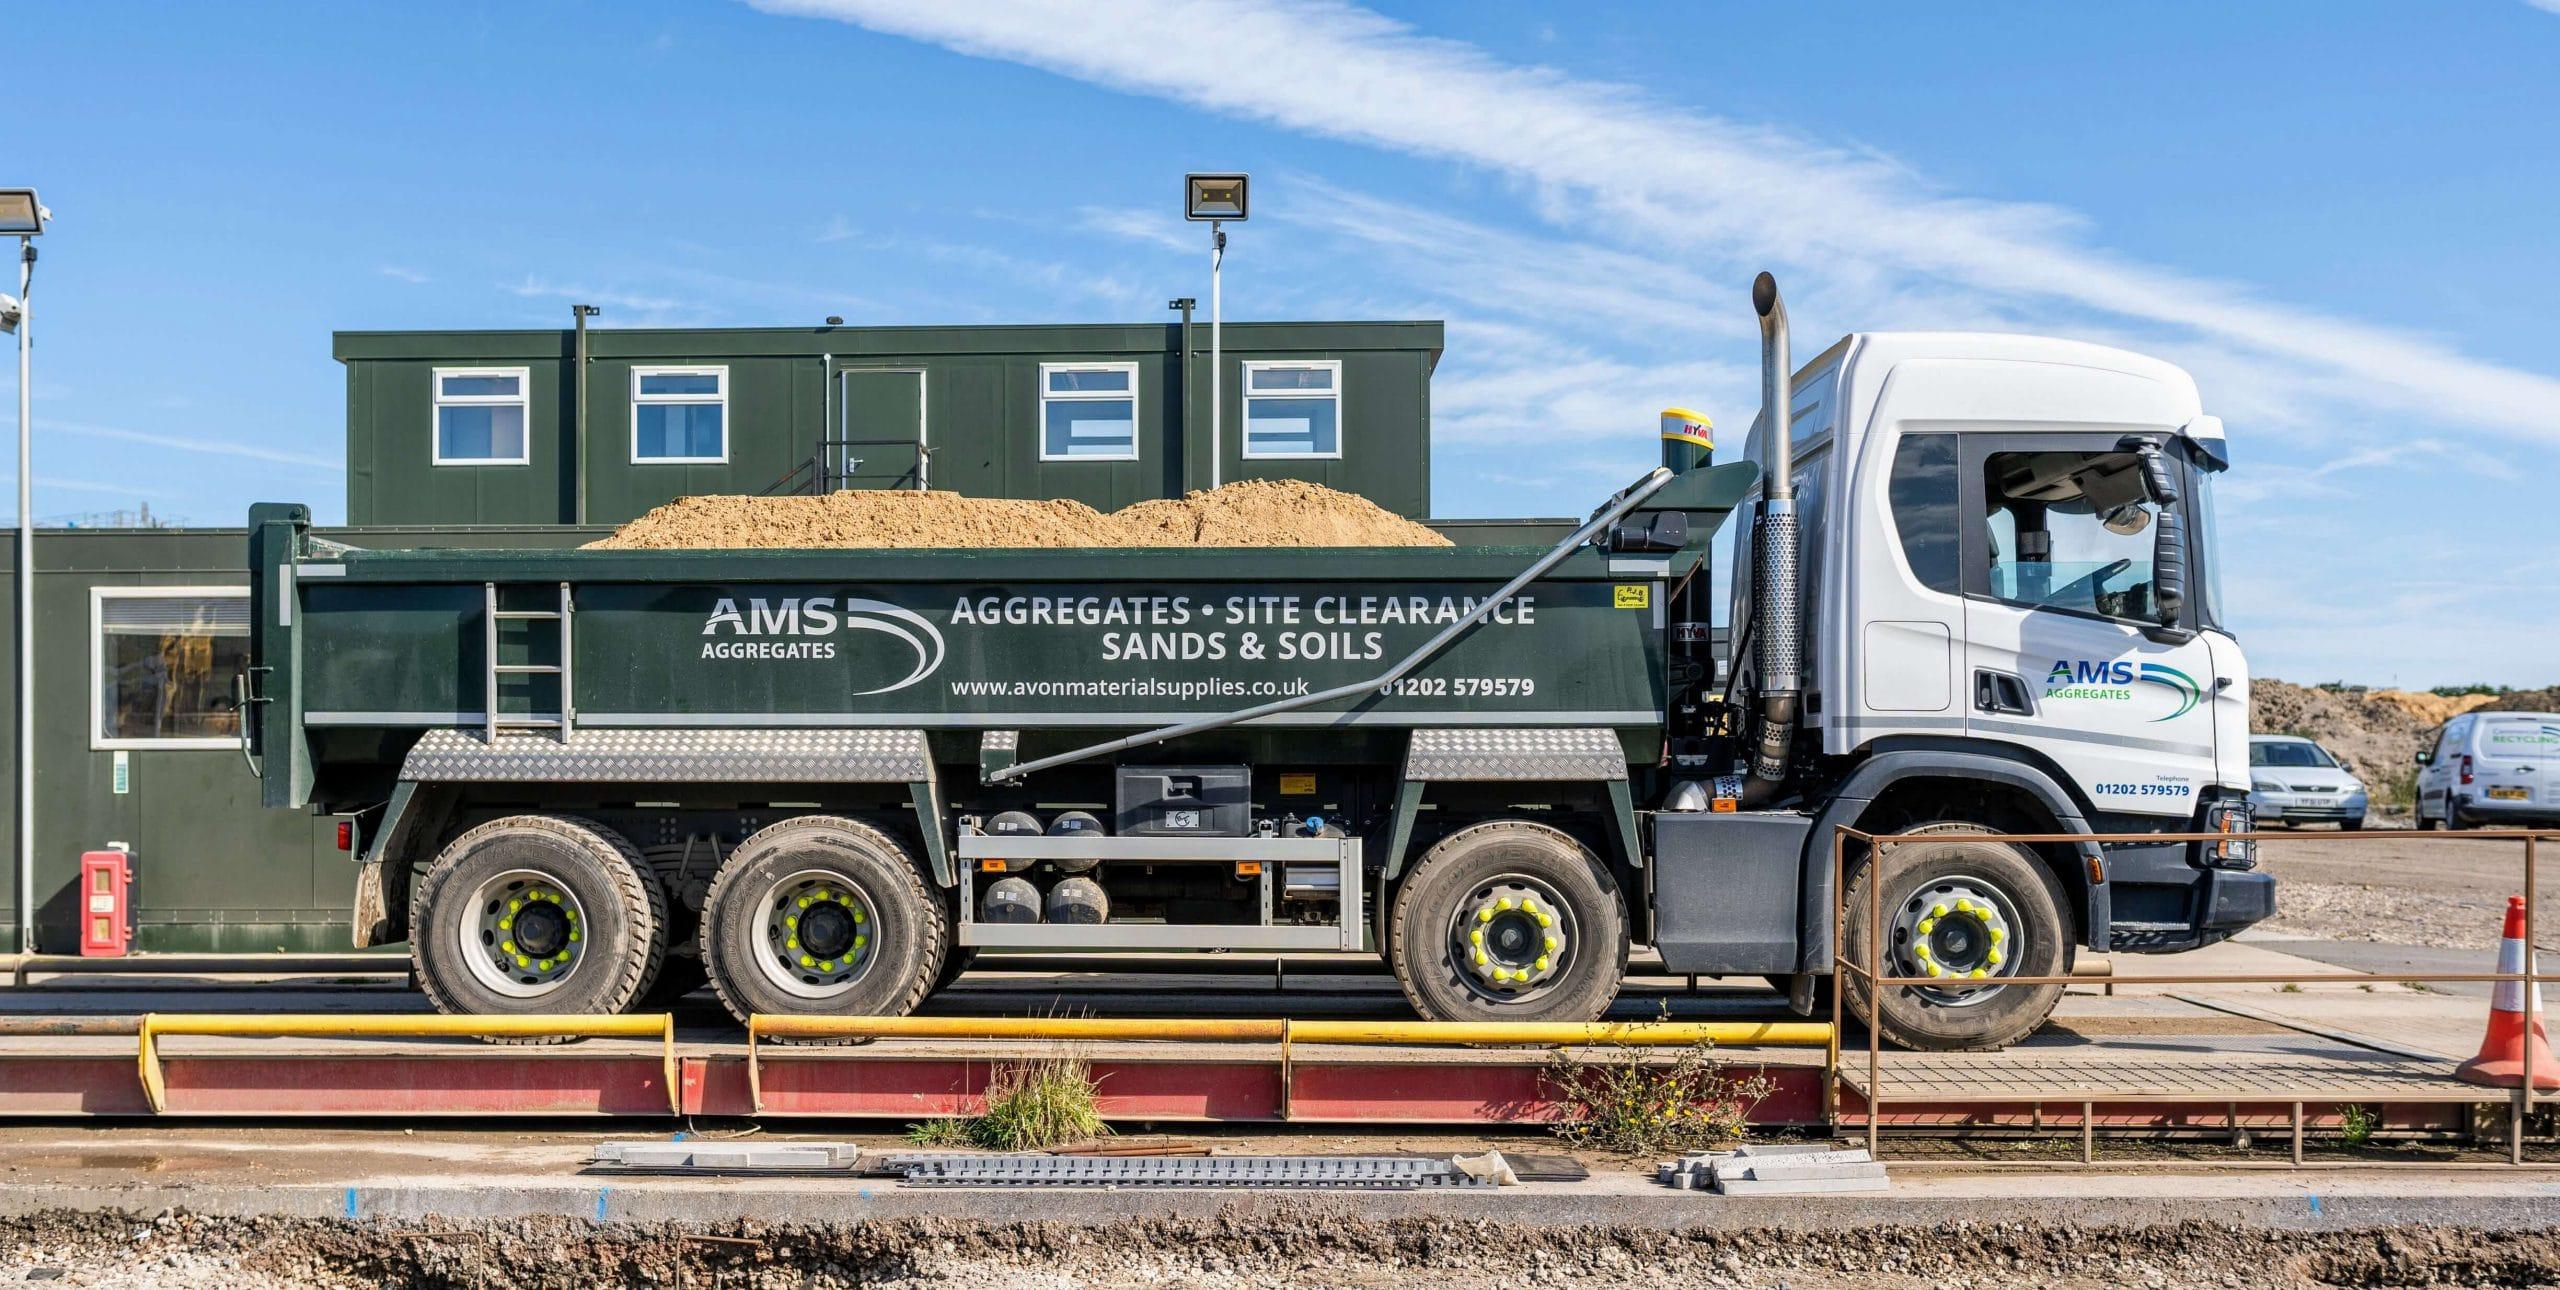 AMS Tipper truck on weighbridge